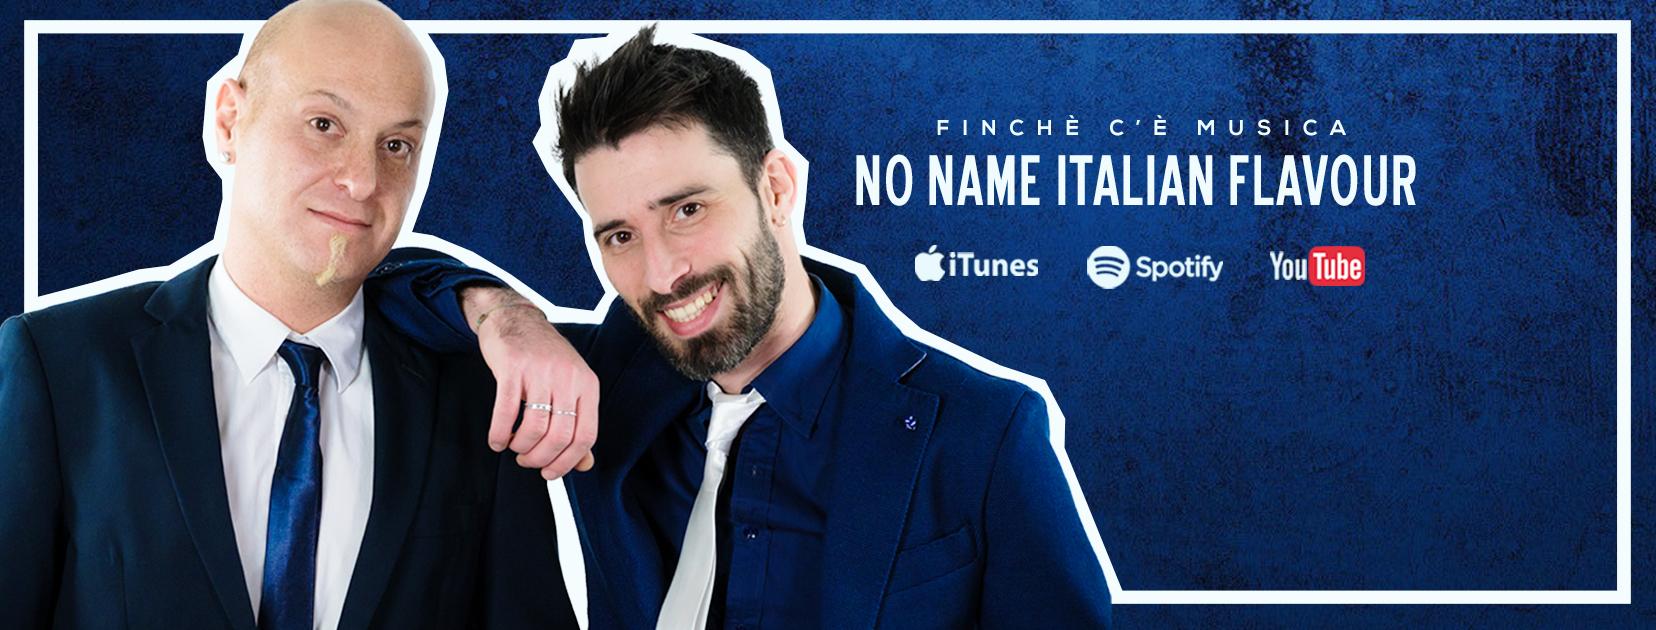 NO NAME ITALIAN FLAVOUR